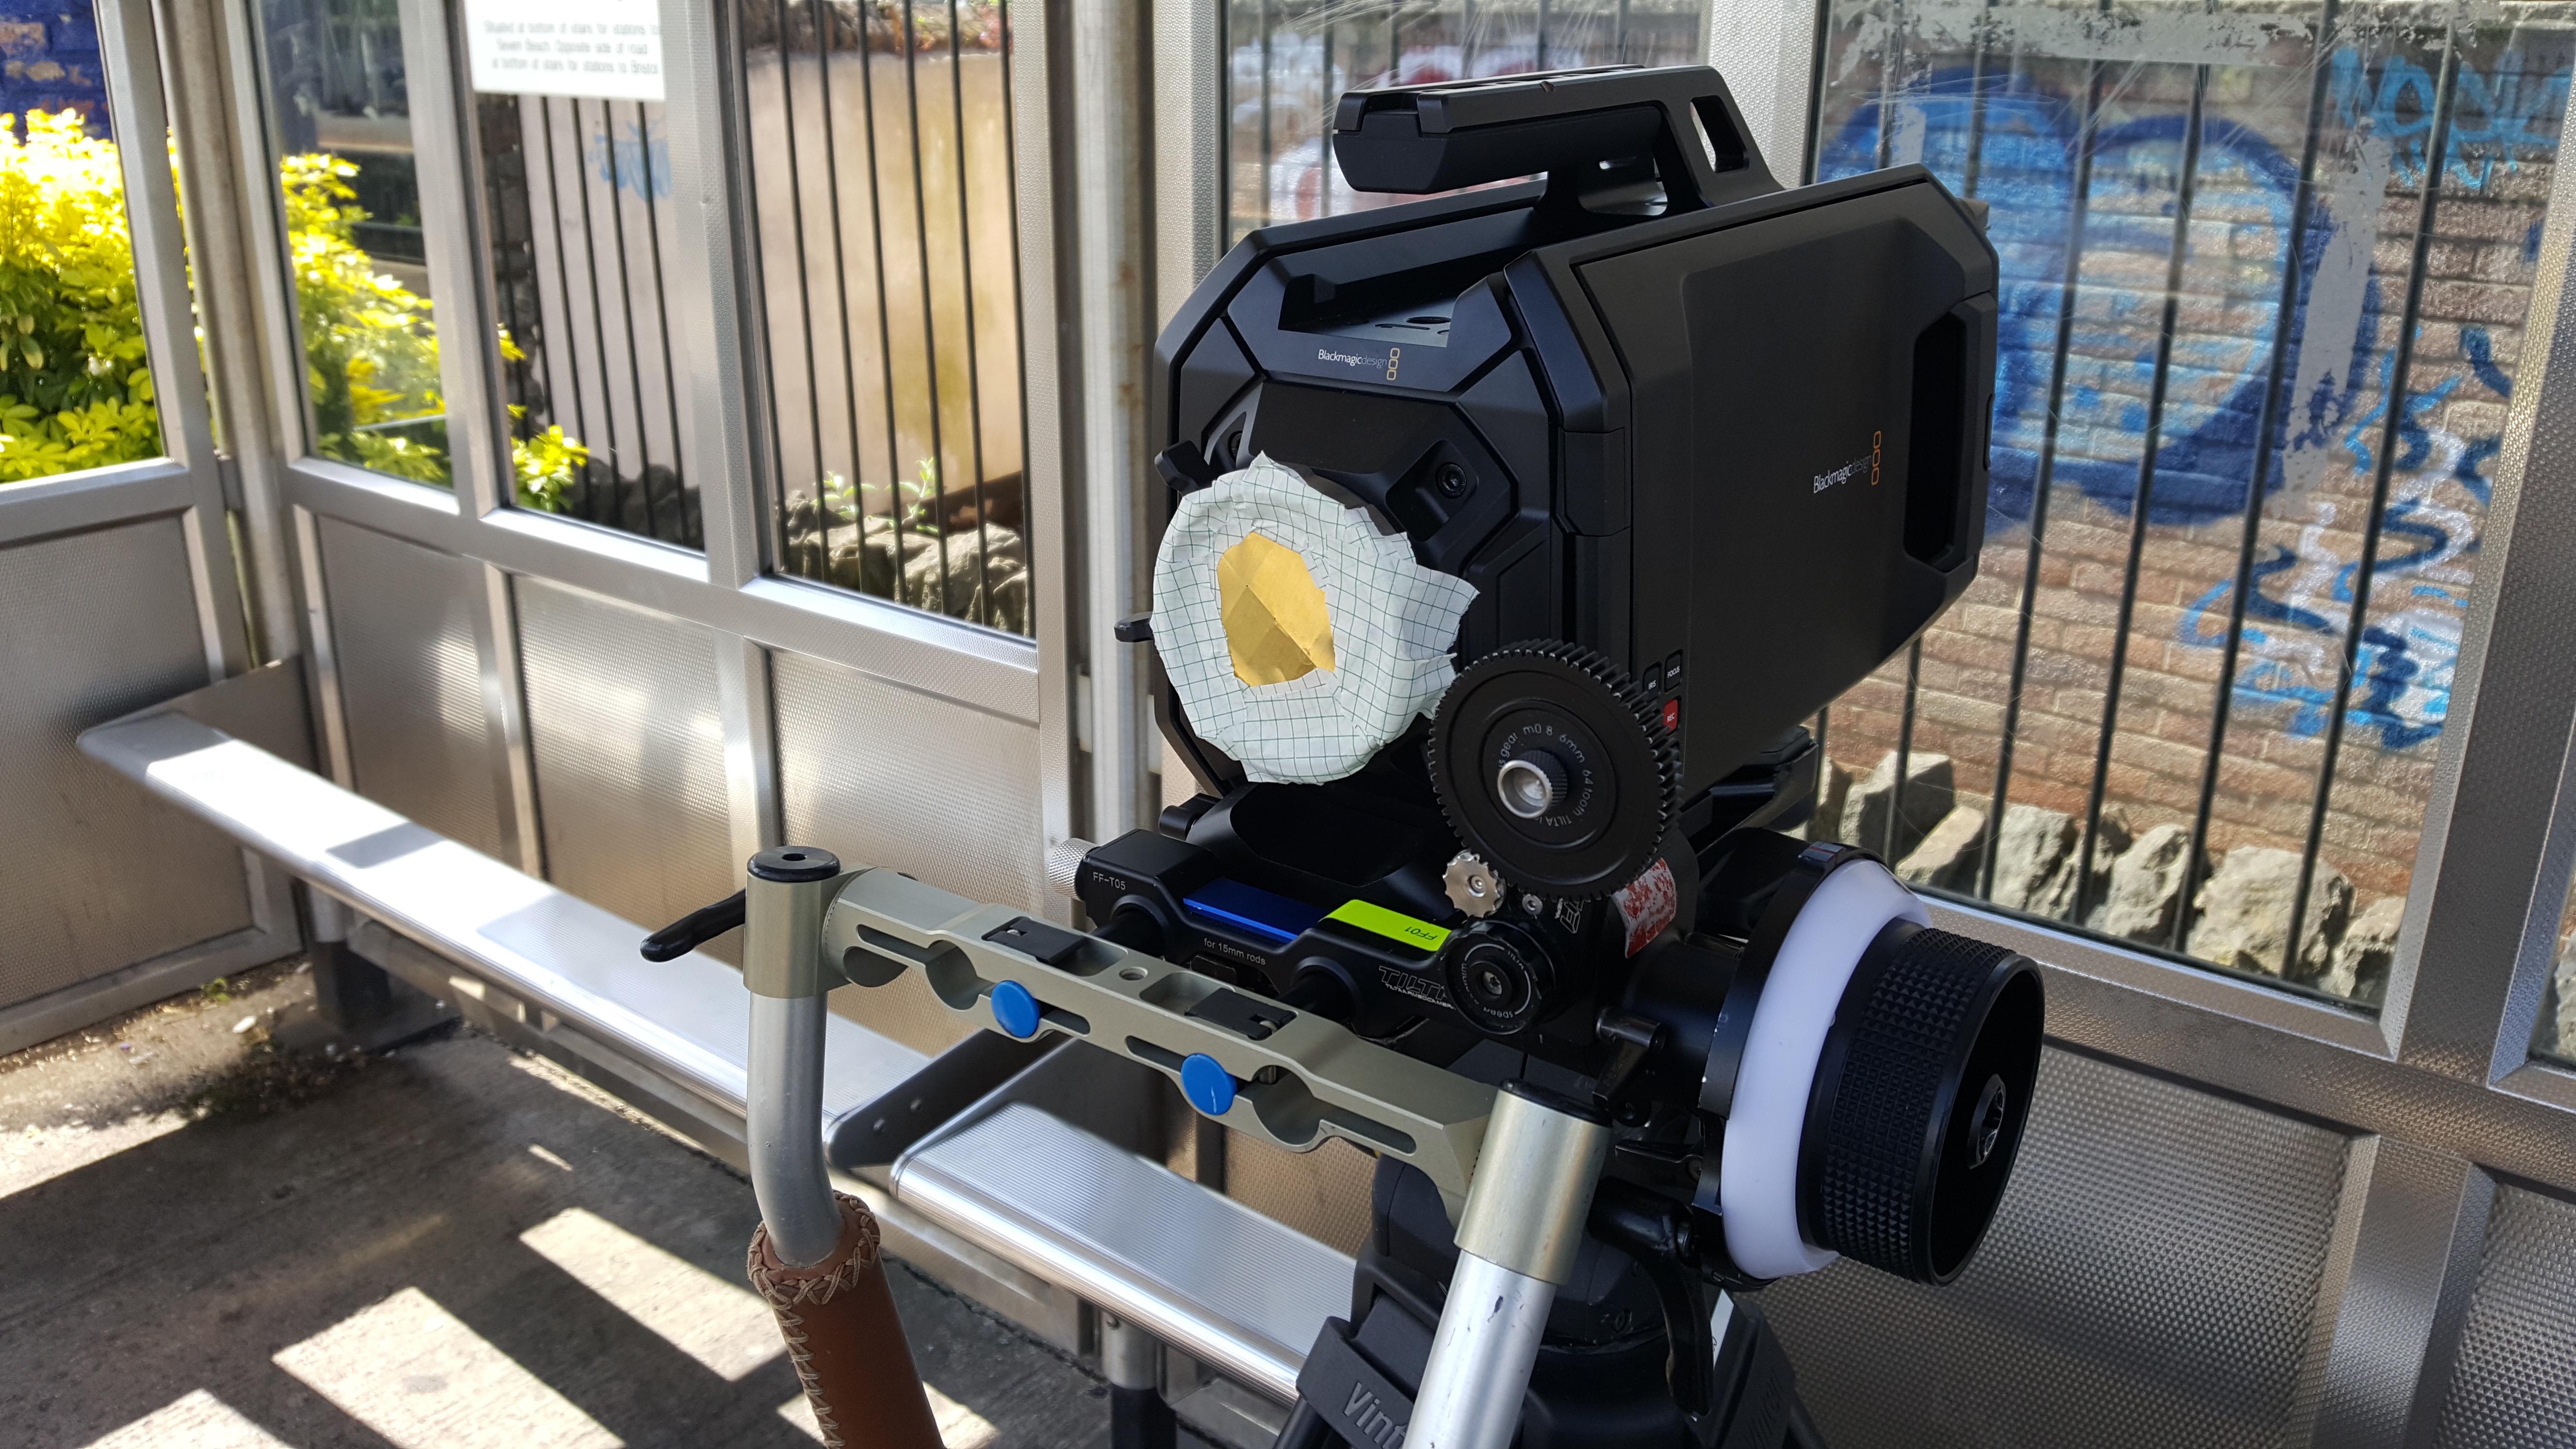 Lucietta camera